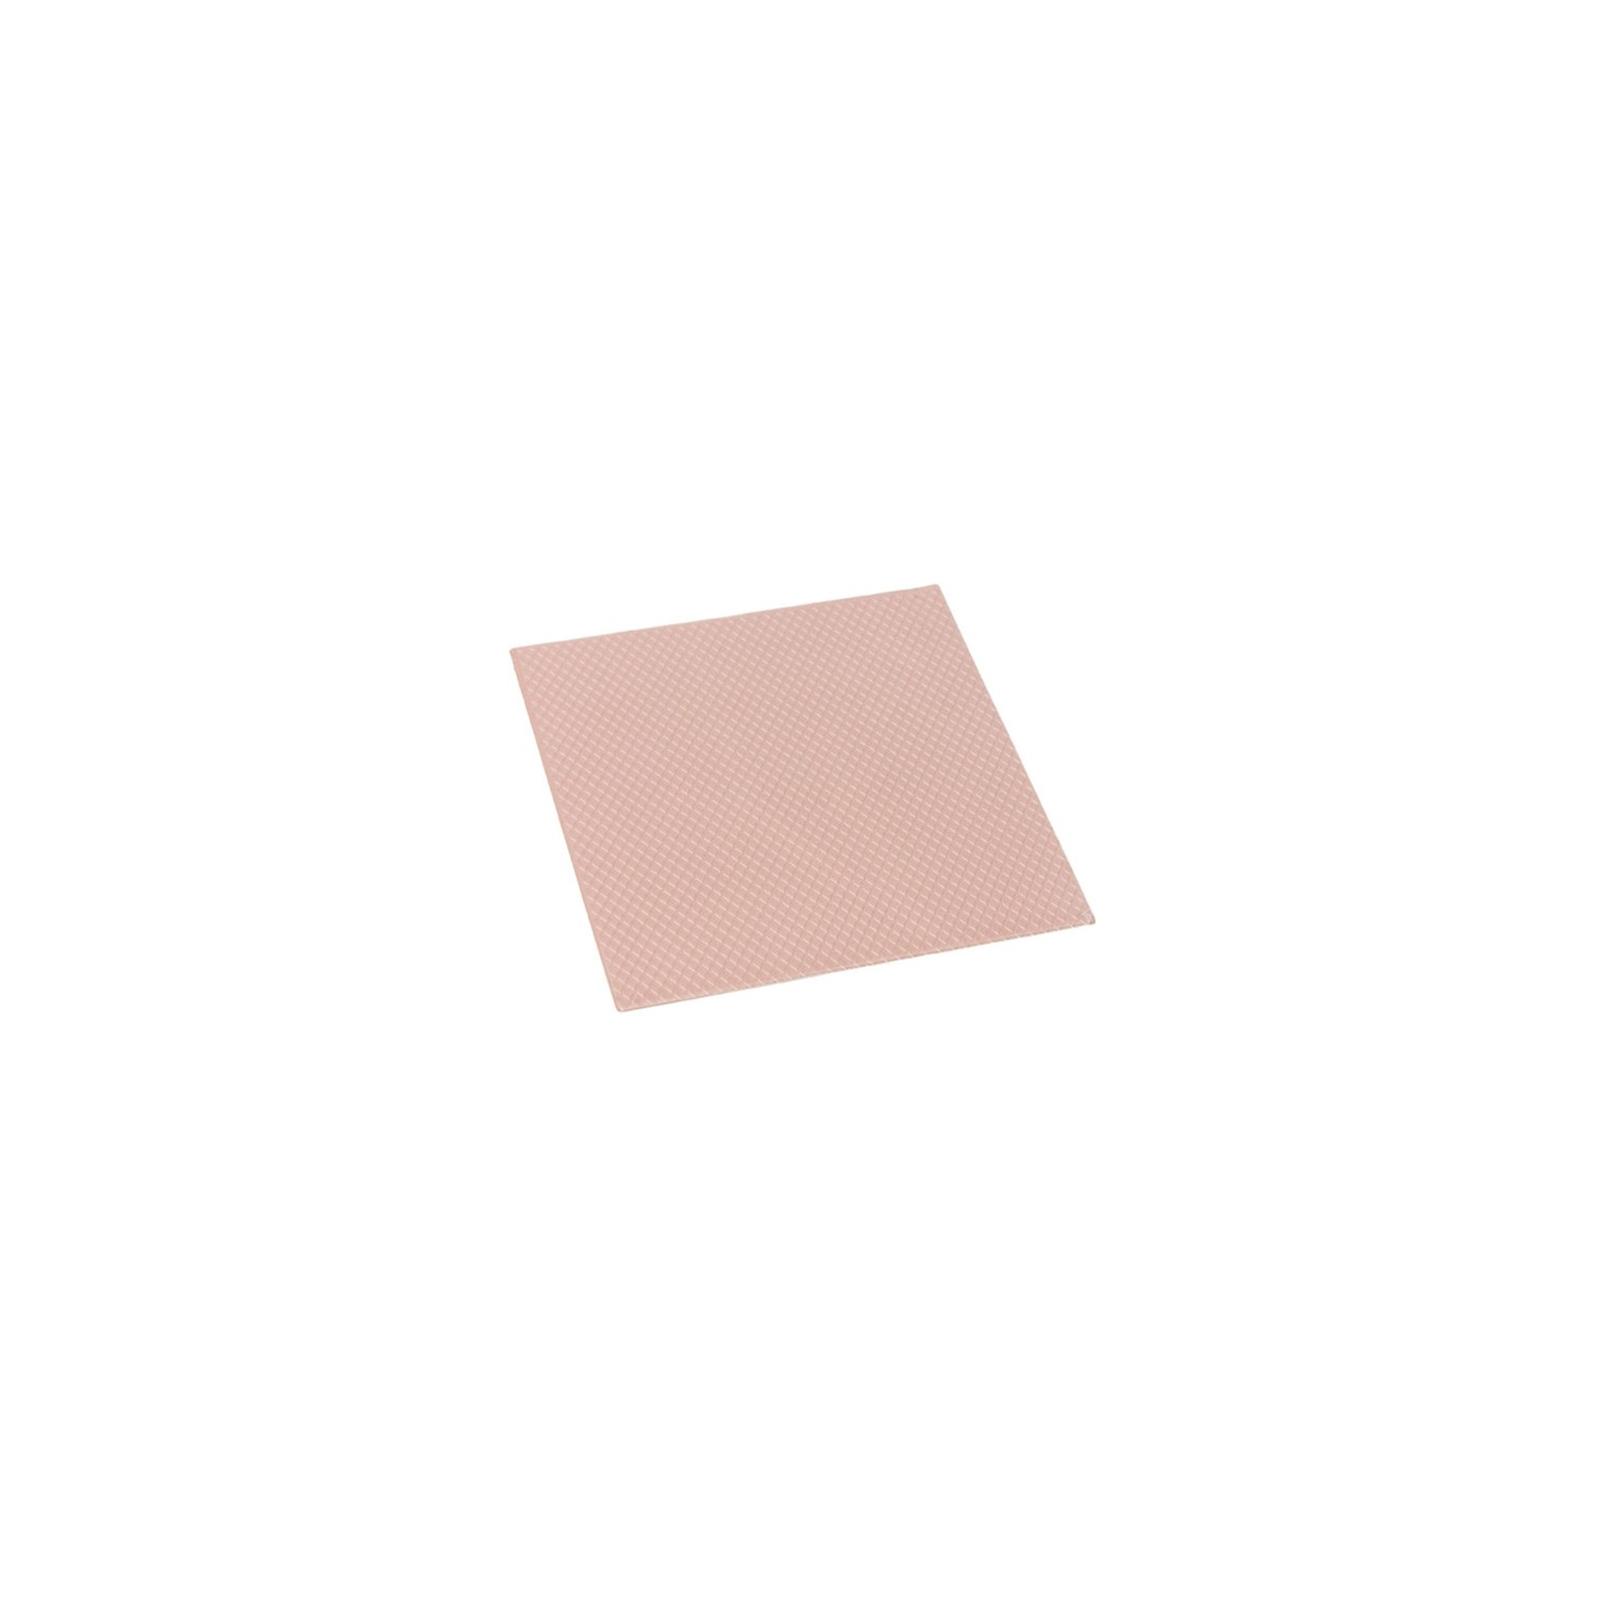 Термопрокладка Thermal Grizzly Minus Pad 8 30x30x0.5 mm (TG-MP8-30-30-05-1R)